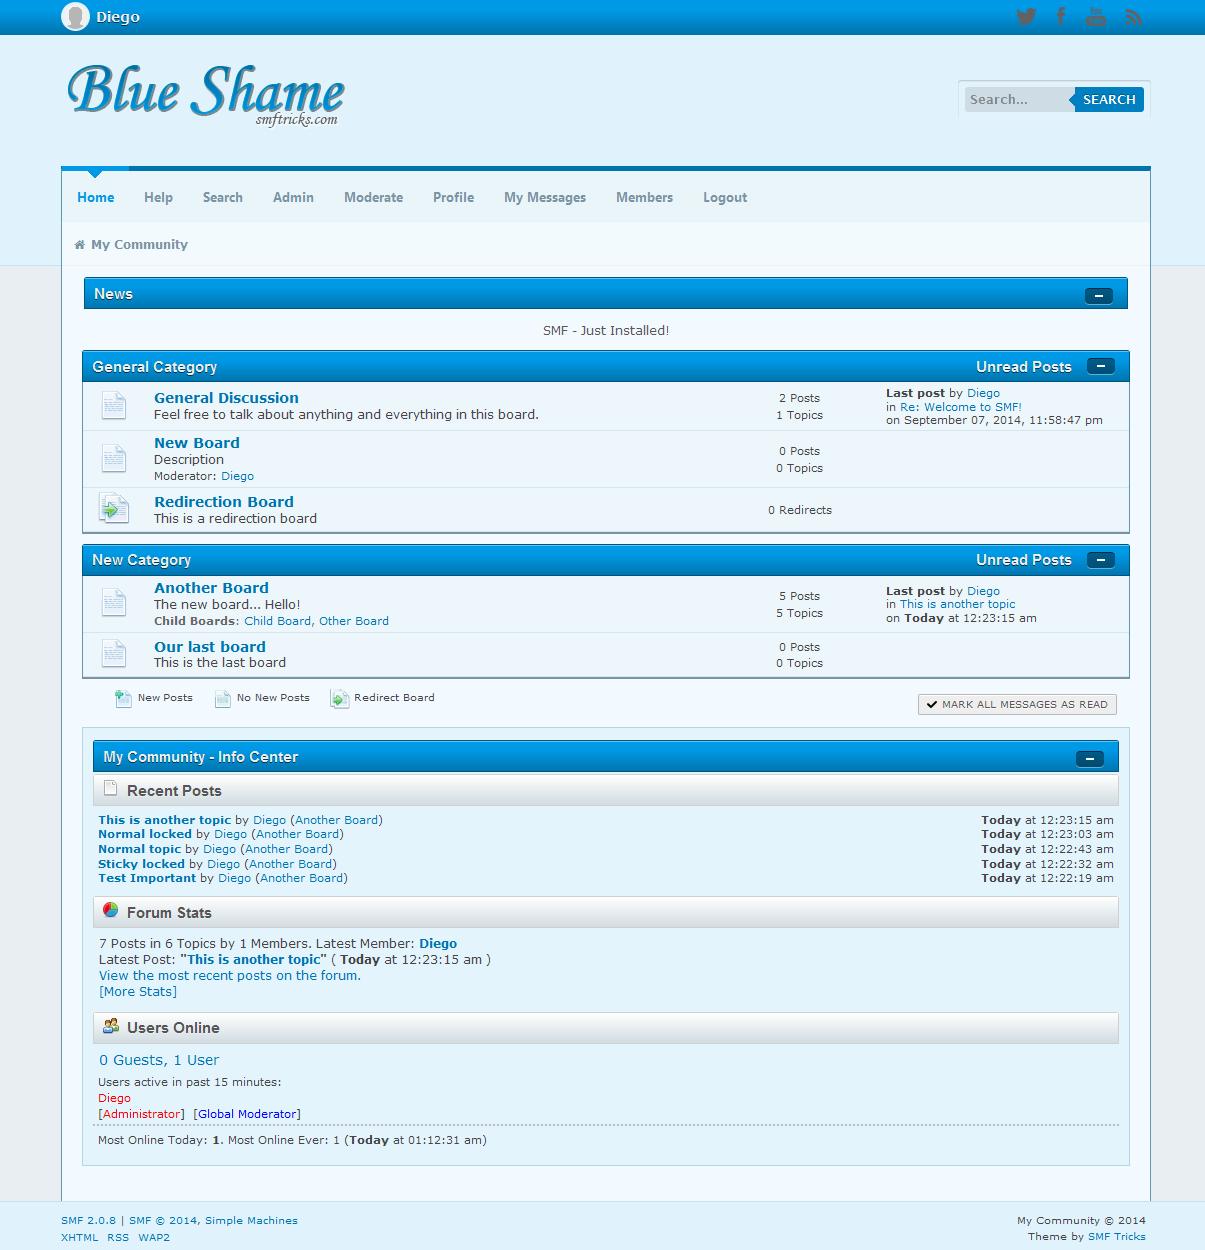 Blue Shame